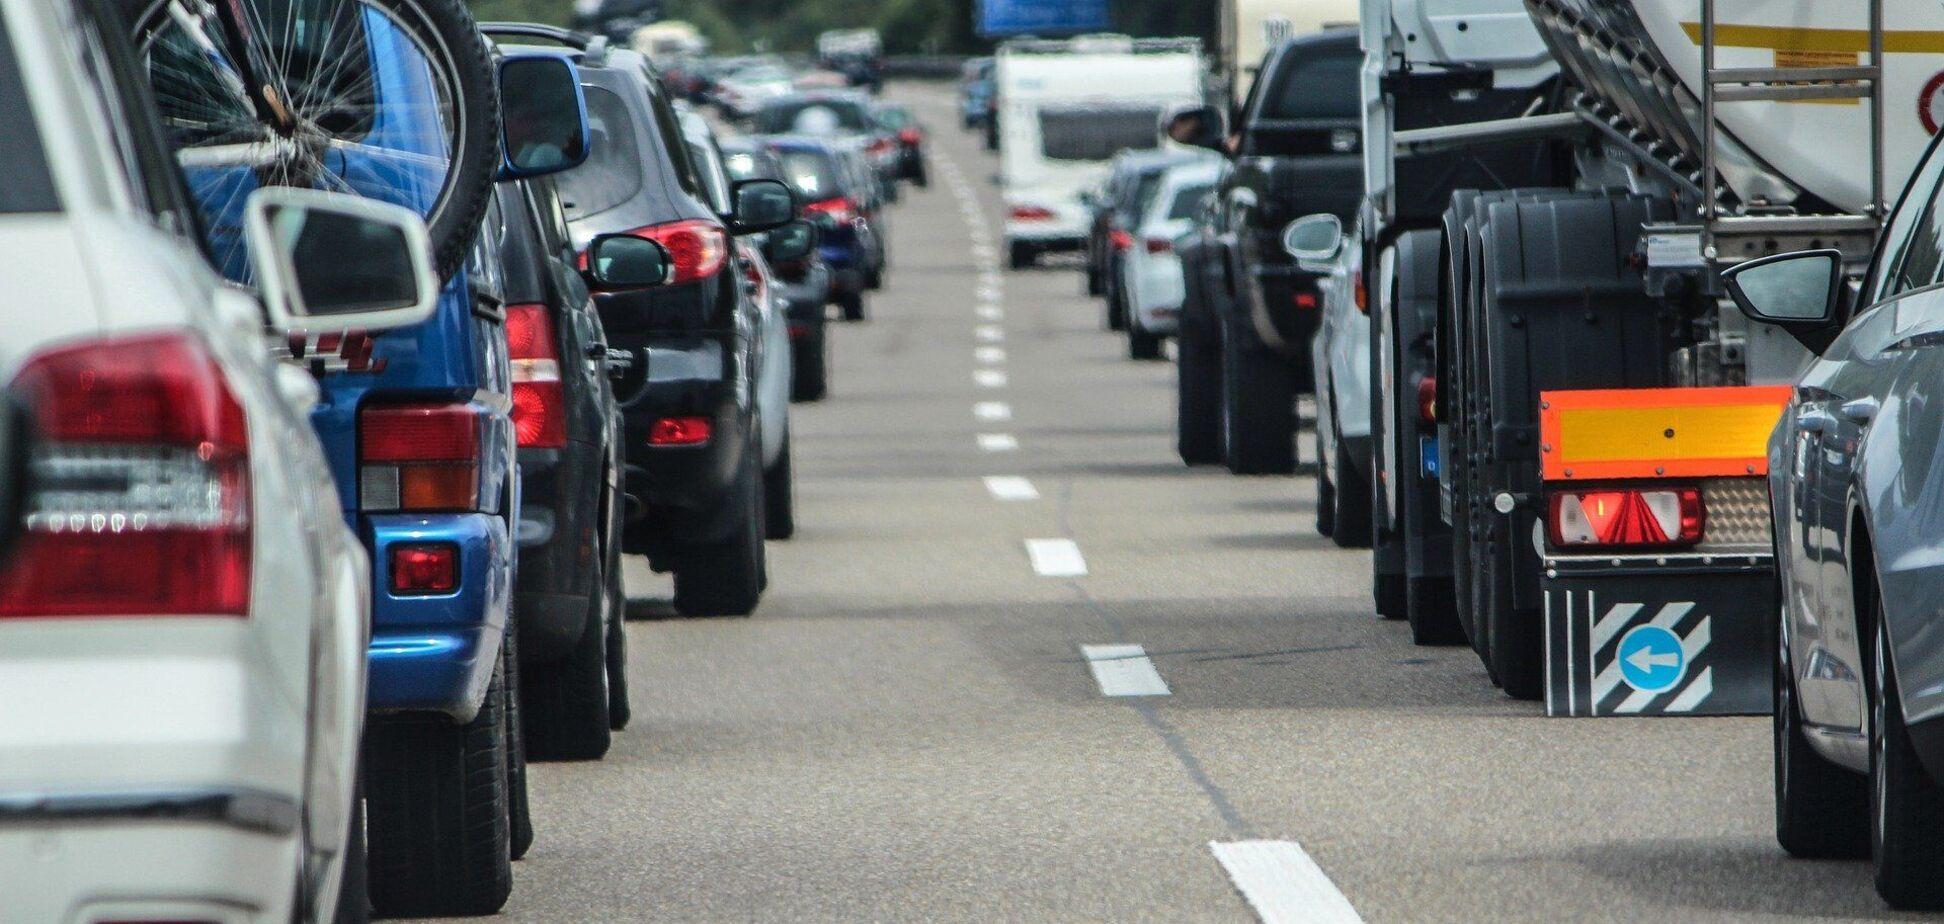 Проблемы с движением авто есть по всему городу